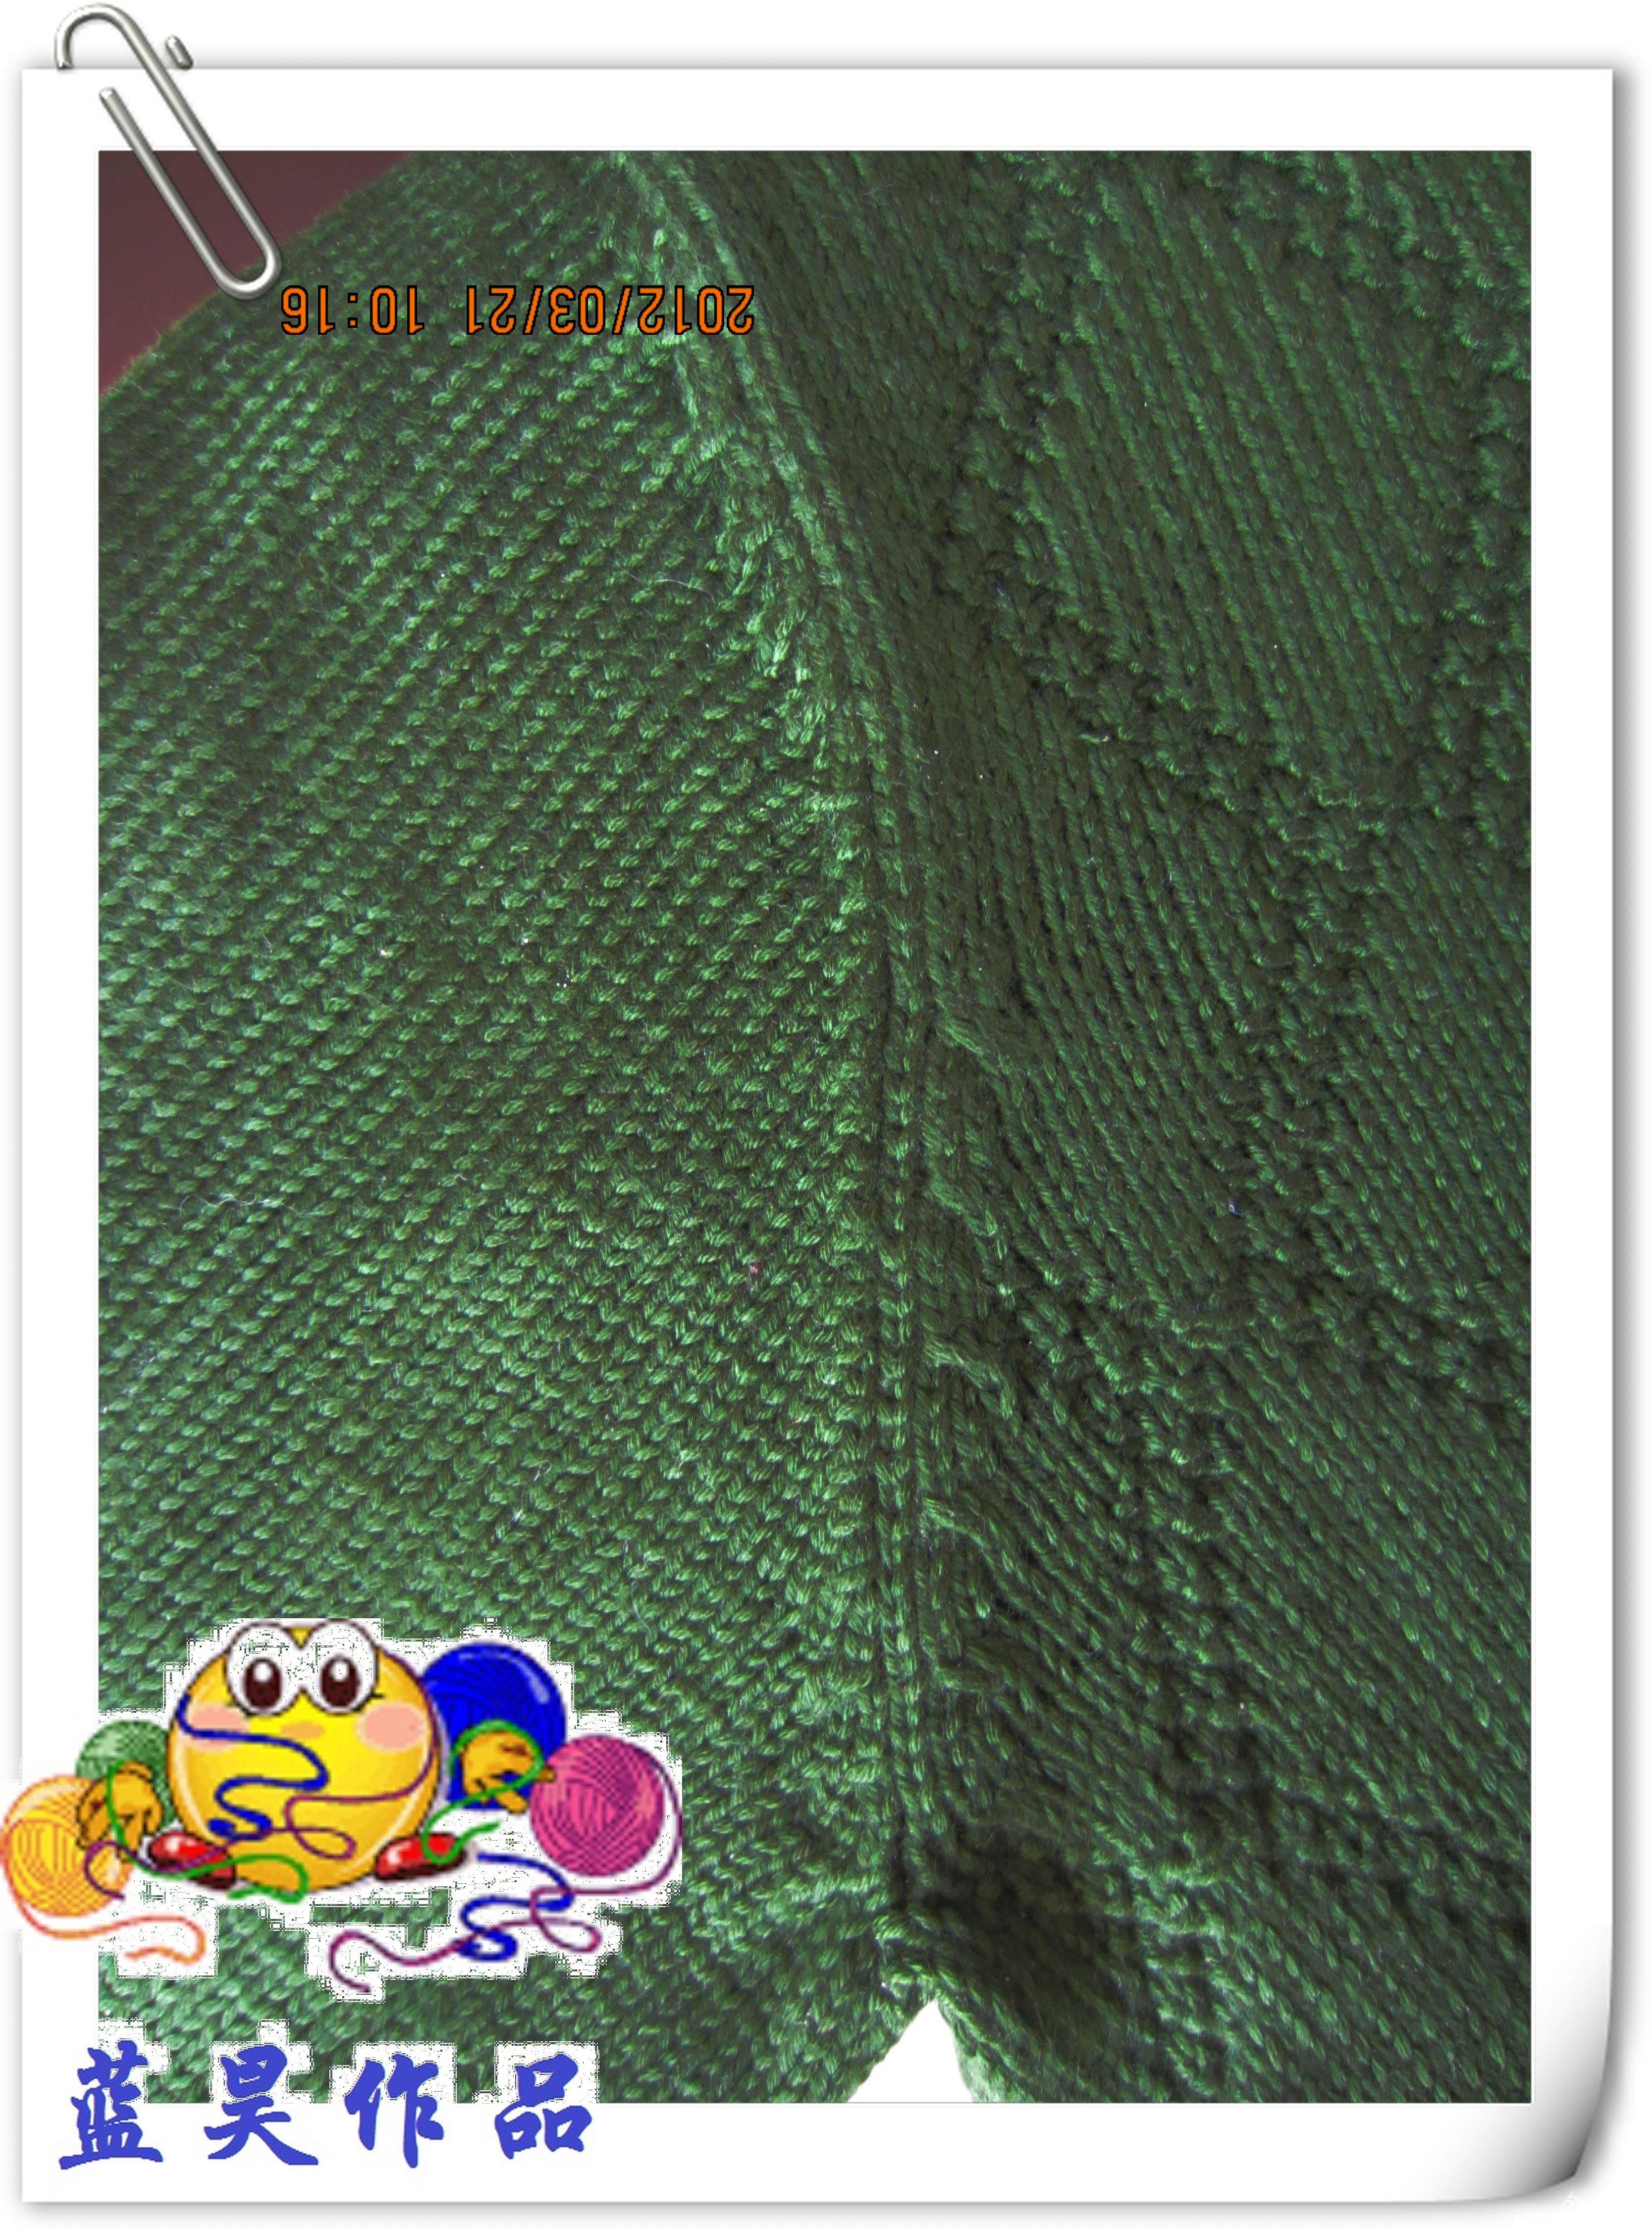 军绿袖子缝合1.jpg